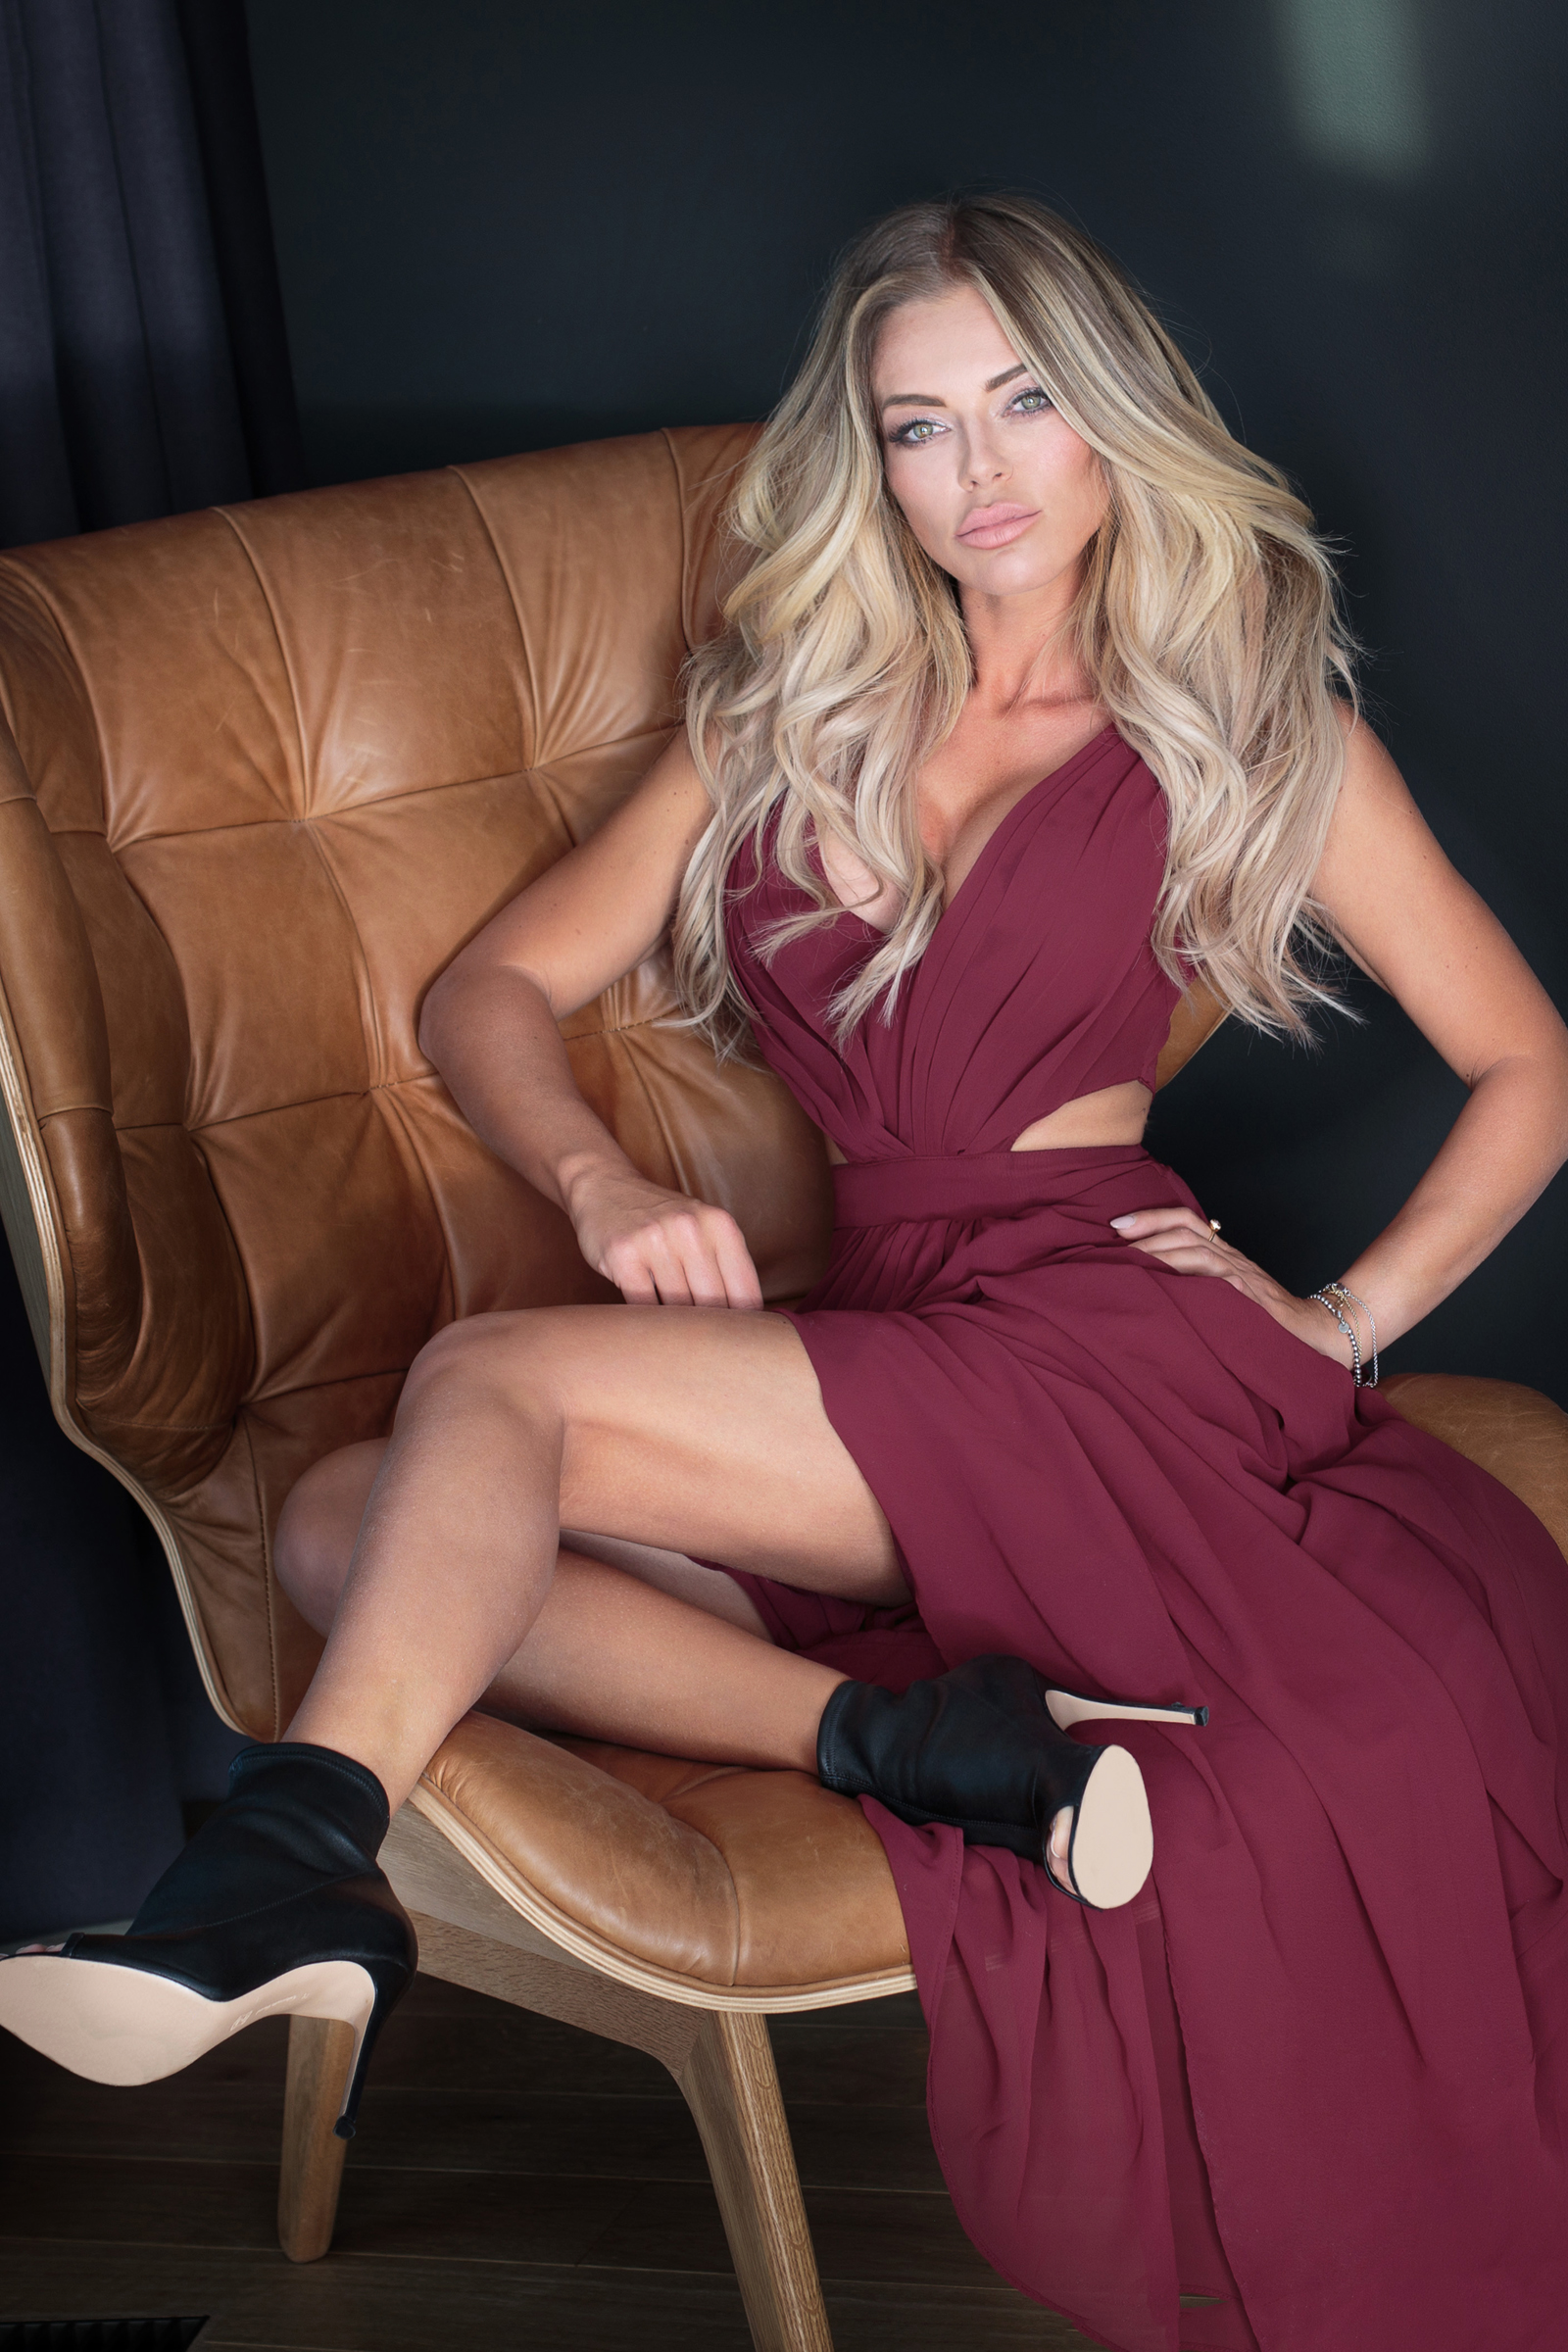 Фотографии блондинки молодые женщины Ноги сидя платья Туфли  для мобильного телефона блондинок Блондинка девушка Девушки молодая женщина ног Сидит сидящие Платье туфлях туфель